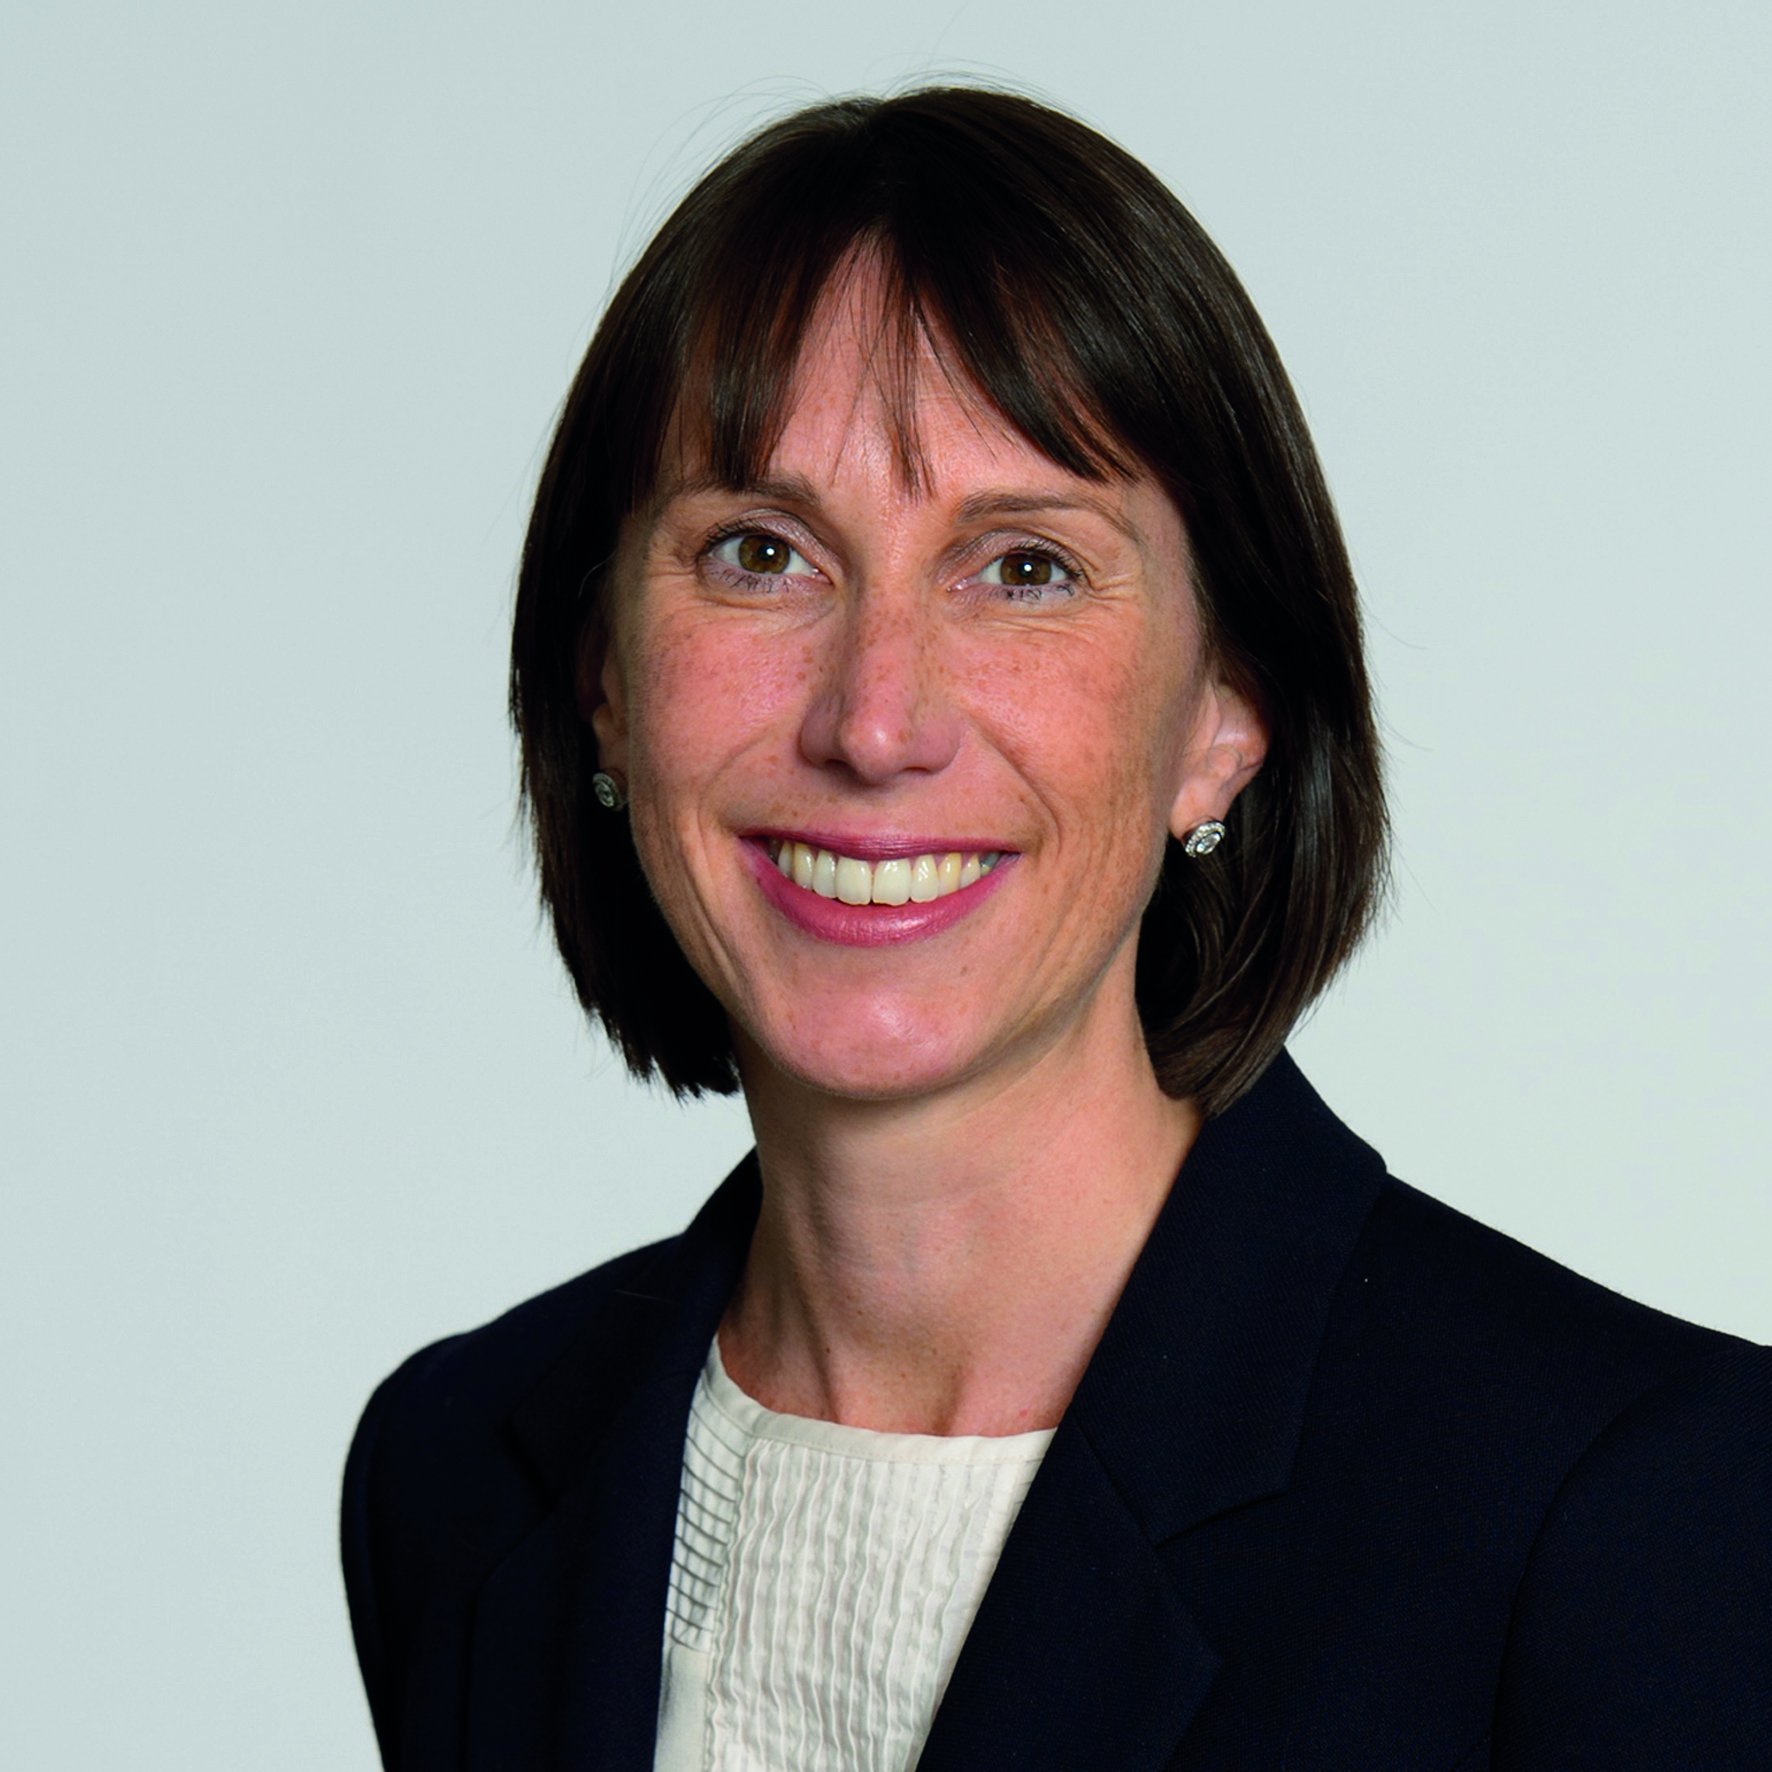 Osborne Clarke LLP Best Recruiter – National/Large Regional Firm | Catherine Wolfenden